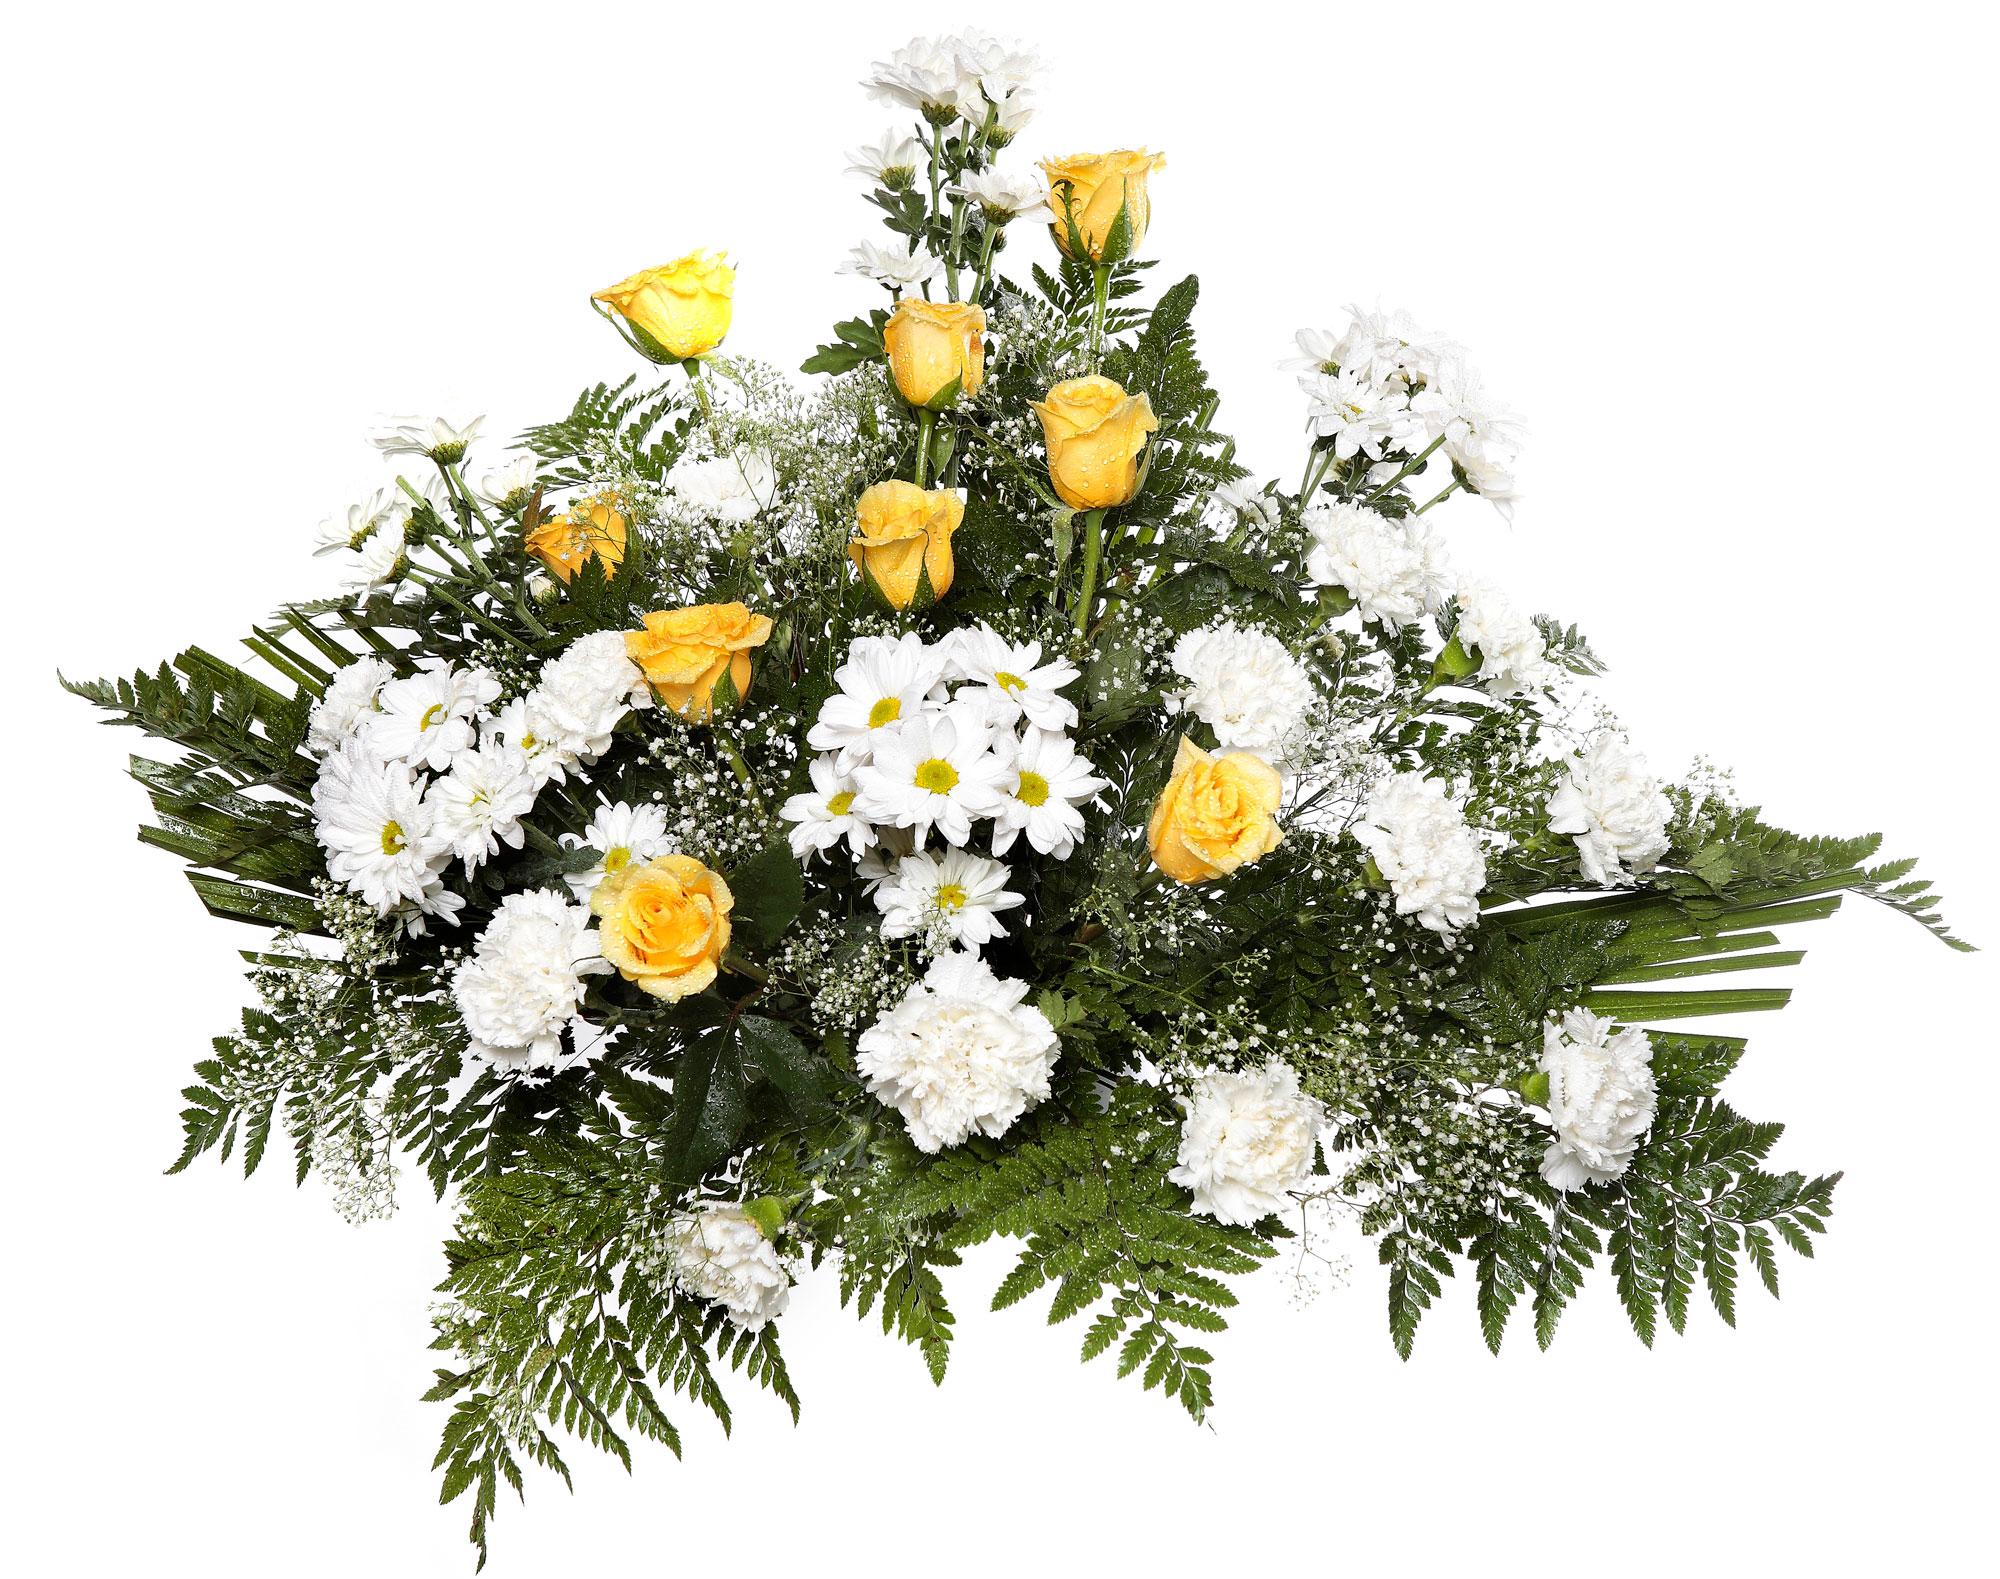 Centro flores modelo 2 tanatorio detalles tanatorios en le n flor flora flores para - Centro de flores naturales ...